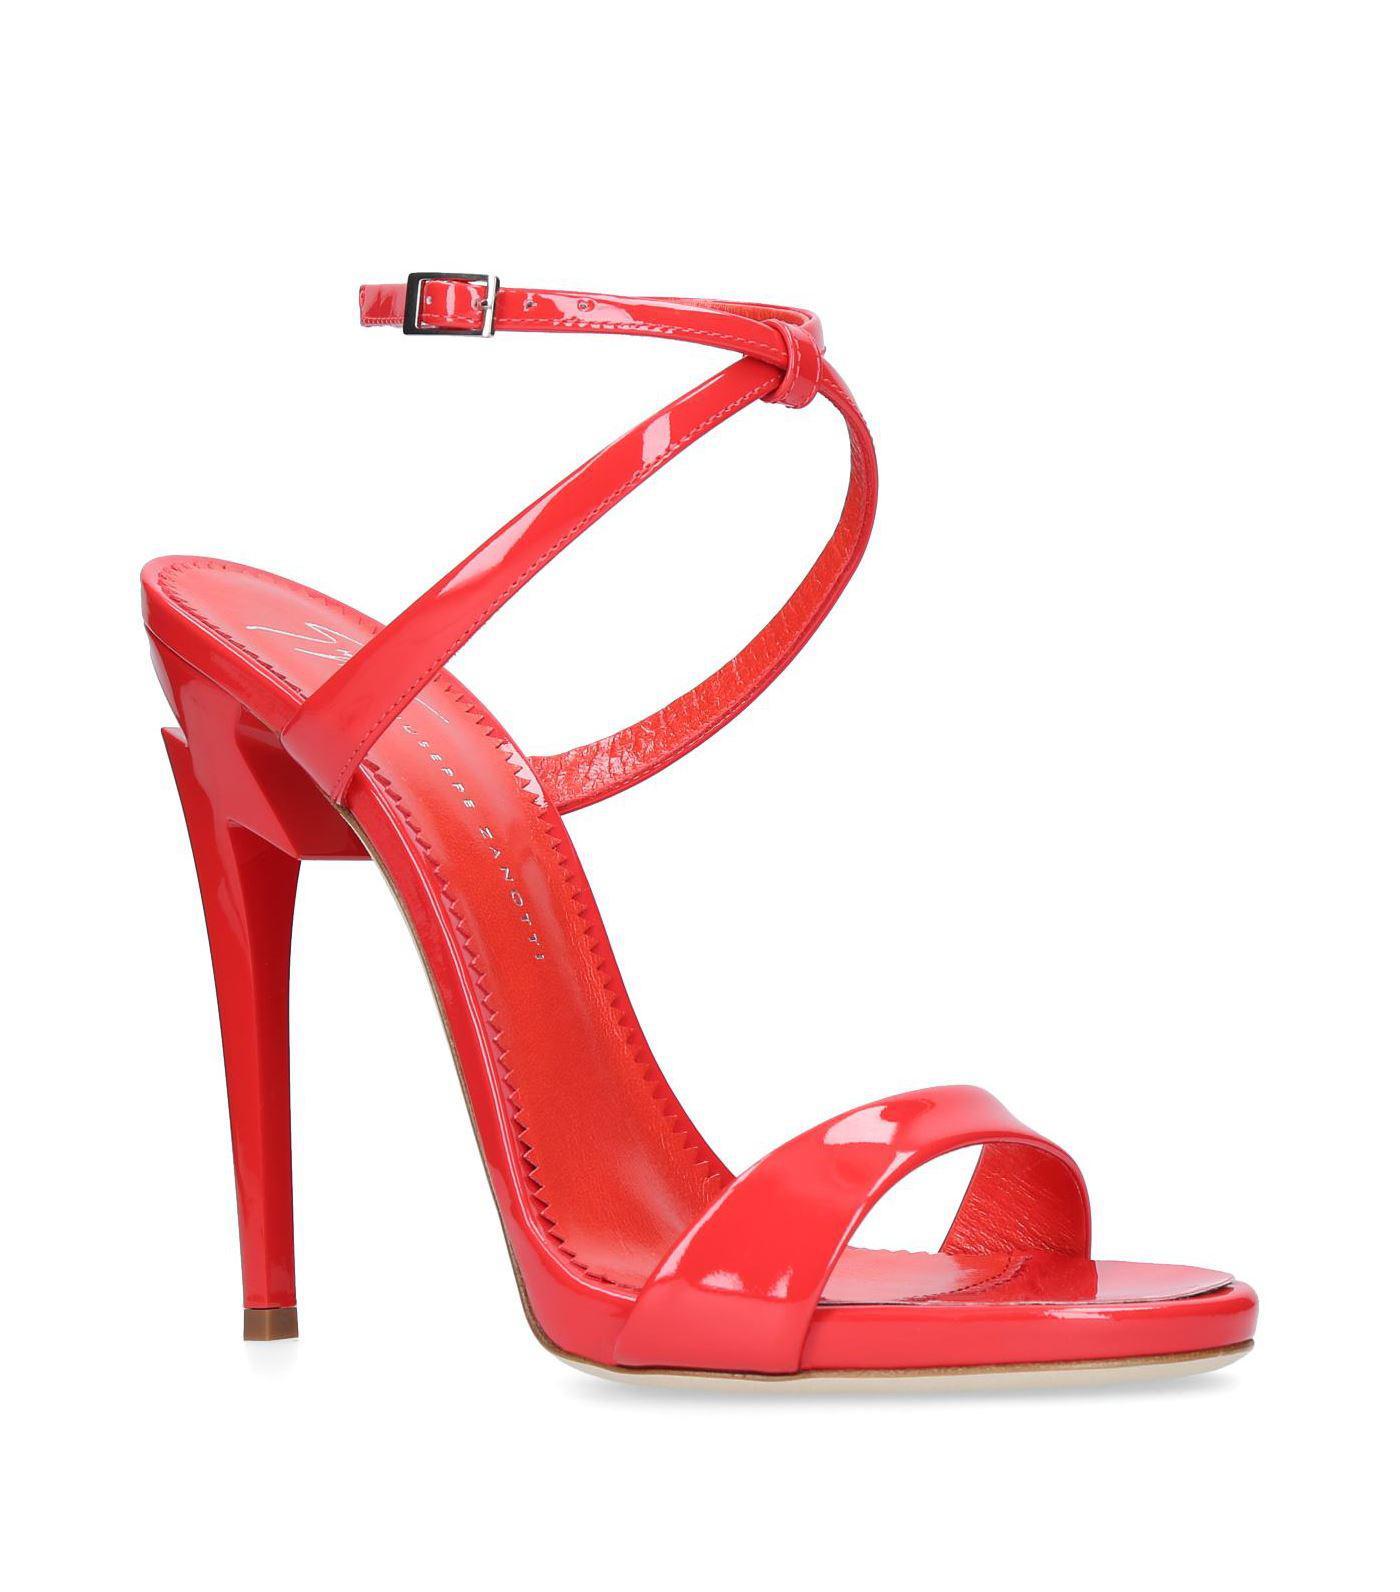 c87ede13747 Lyst - Giuseppe Zanotti Leather Lightning Bolt Sandals 115 in Red